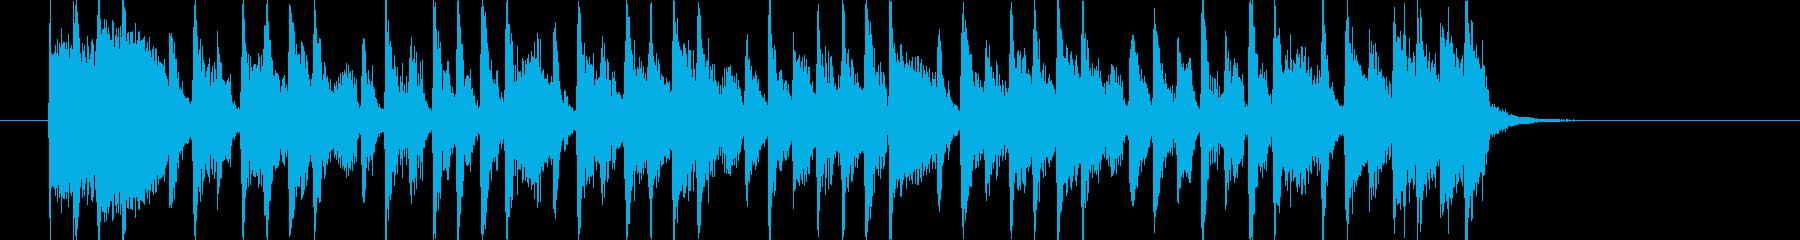 ポップでキャッチ―でコミカルなジングルの再生済みの波形